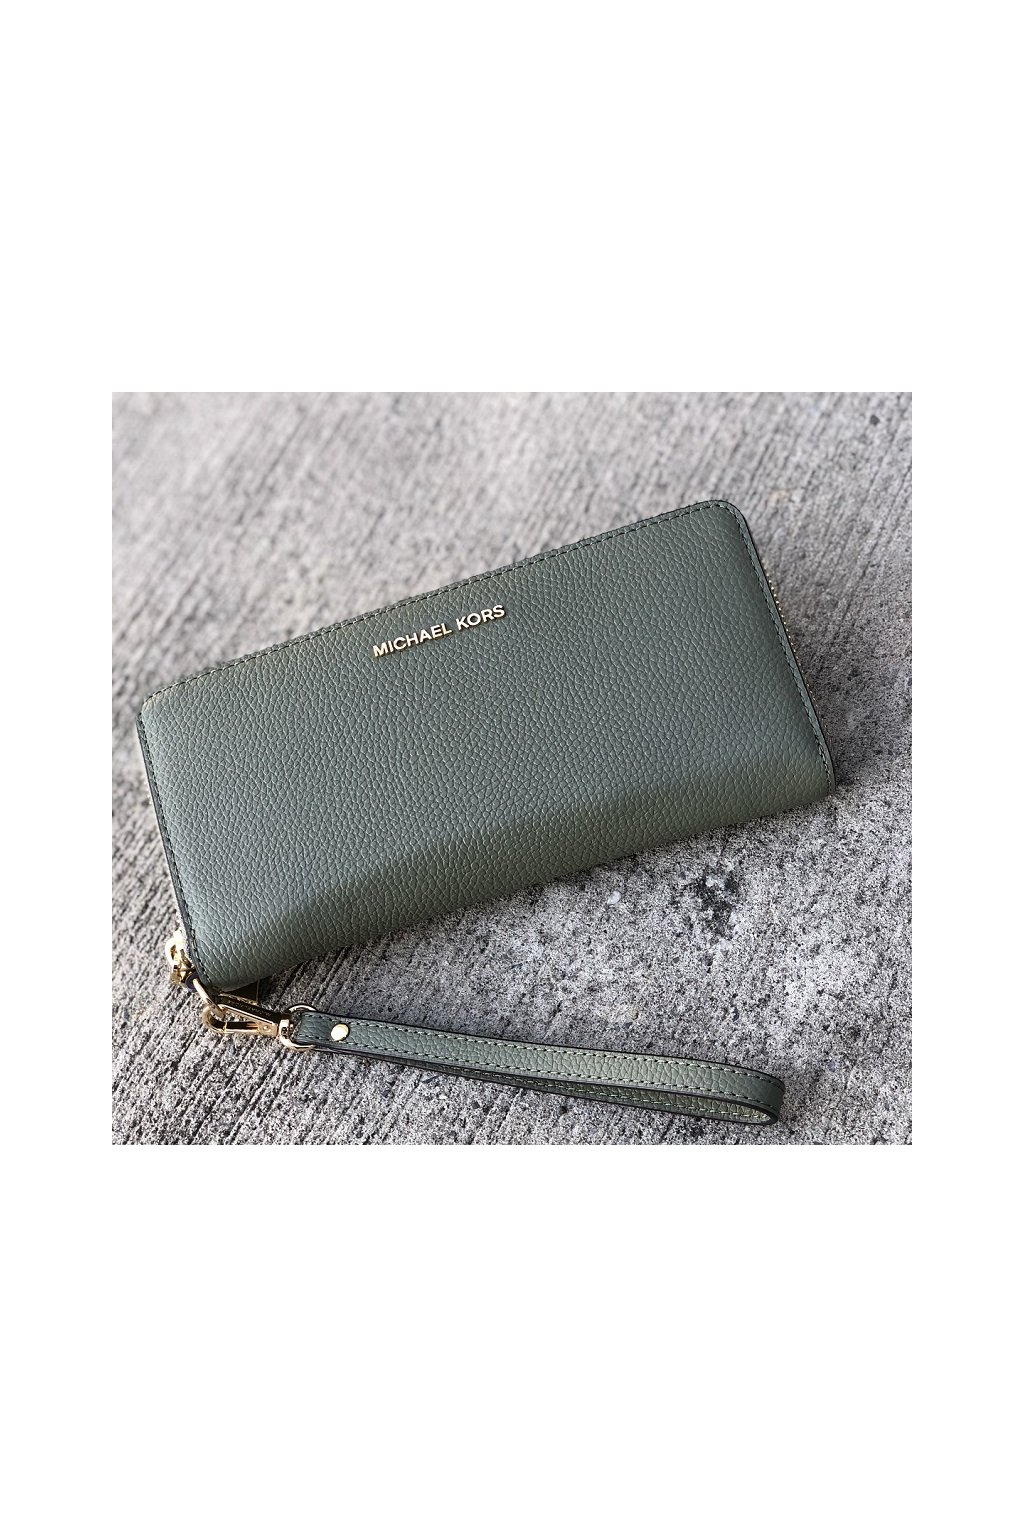 Dámská peněženka Michael Kors Jet Set Travel Continental Leather zelená